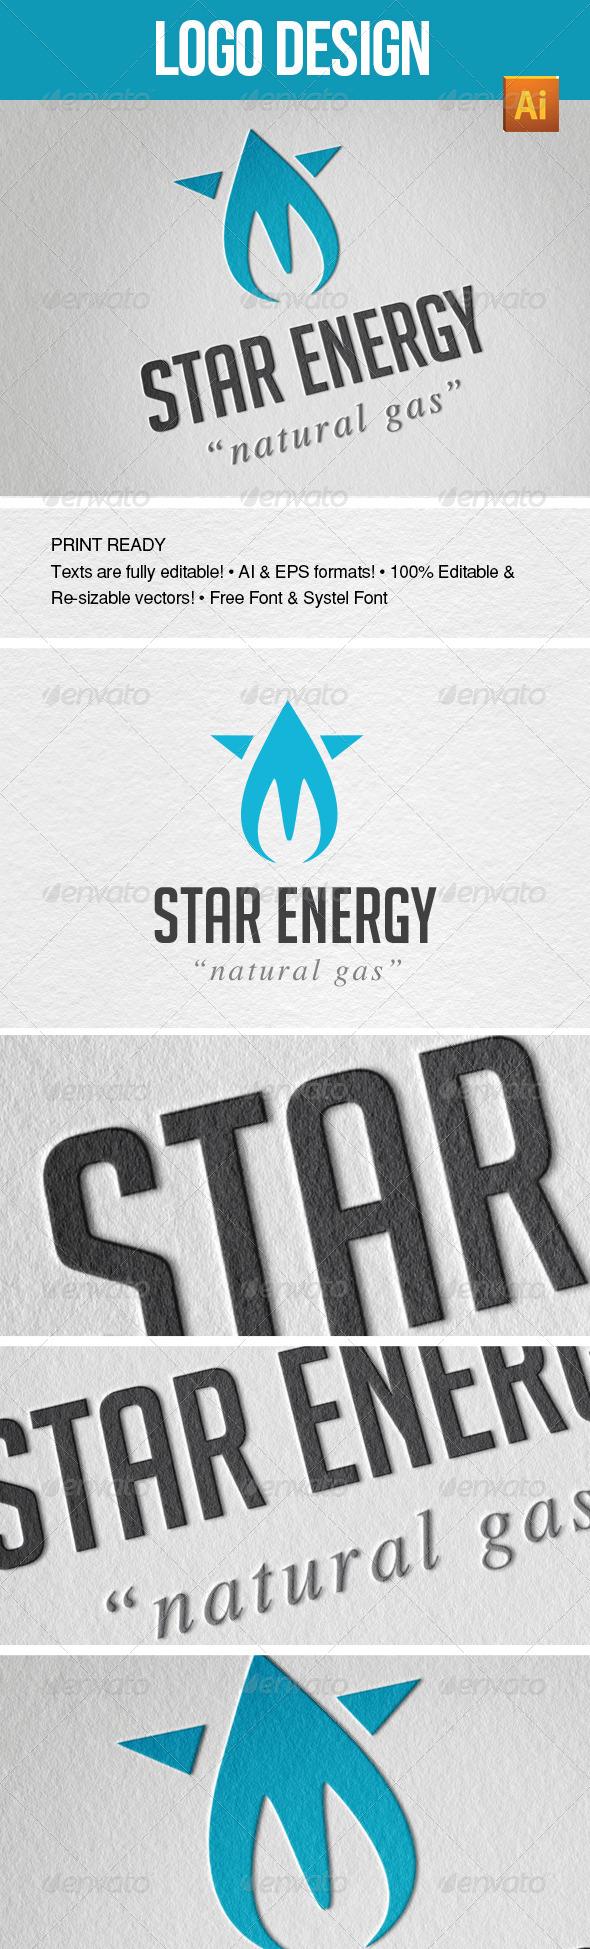 Star Energy